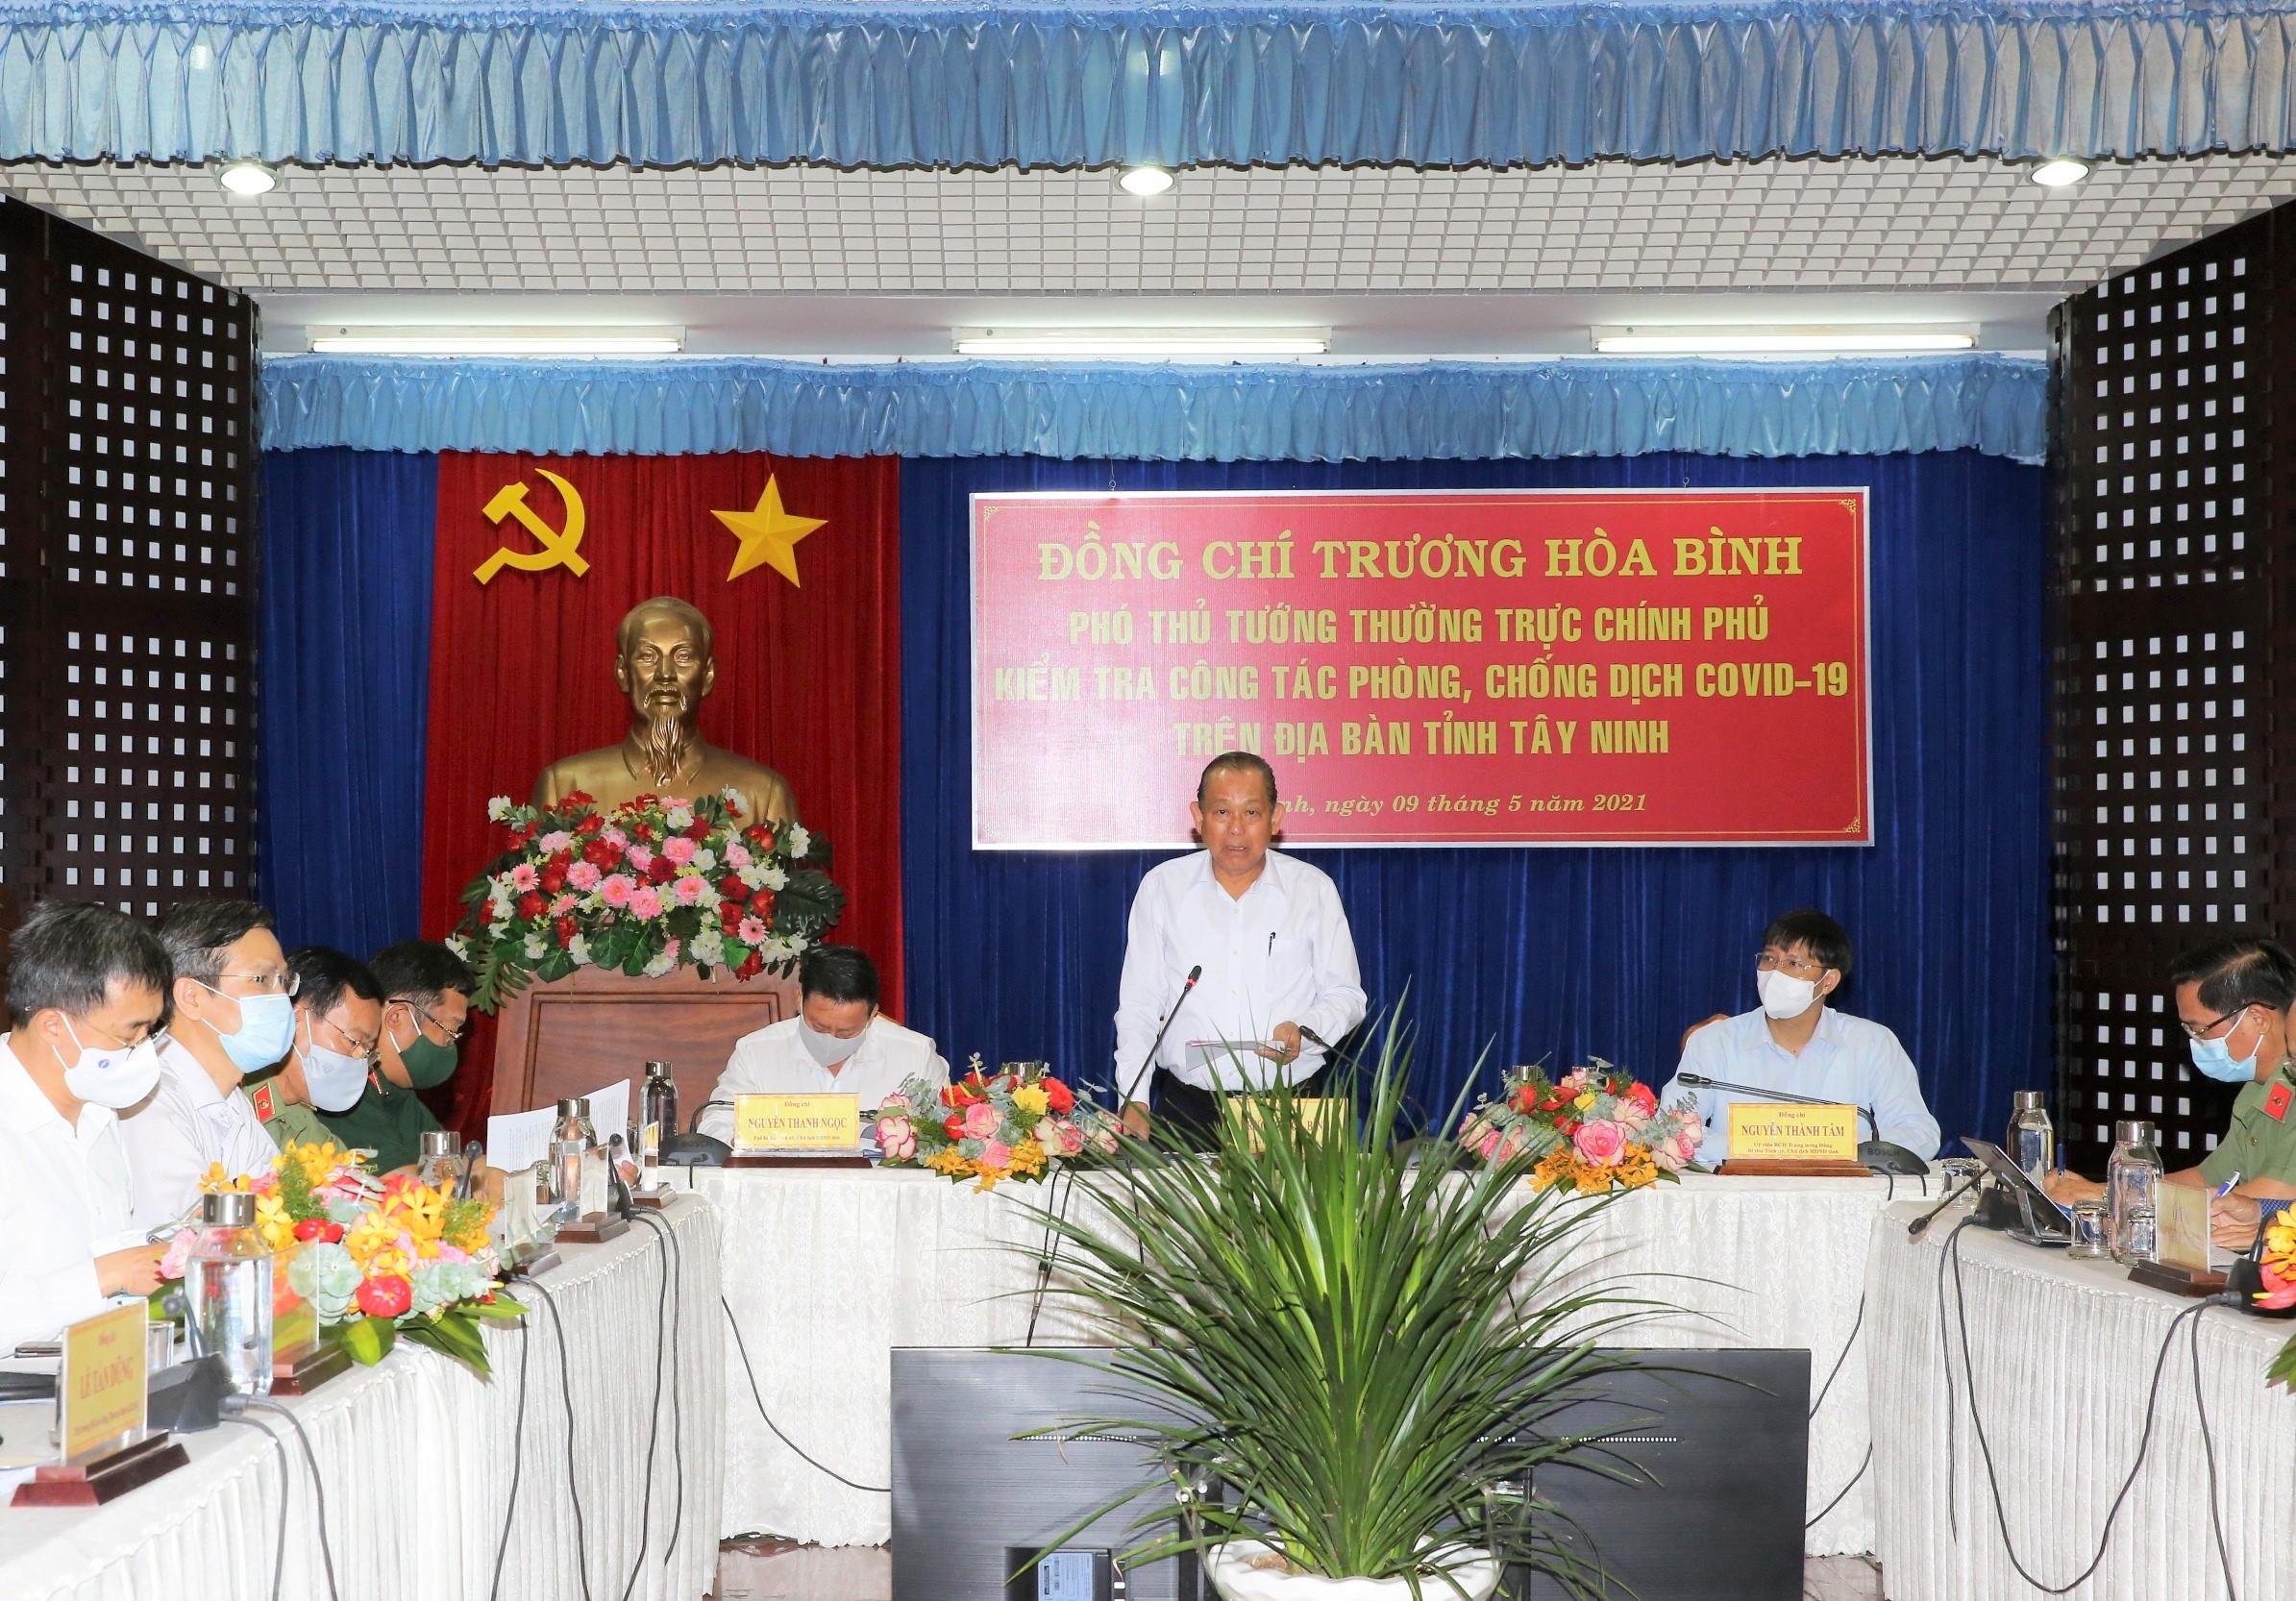 Phó Thủ tướng Thường trực Chính phủ Trương Hoà Bình dự họp tại điểm cầu Tây Ninh. Ảnh: VGP/Mạnh Hùng